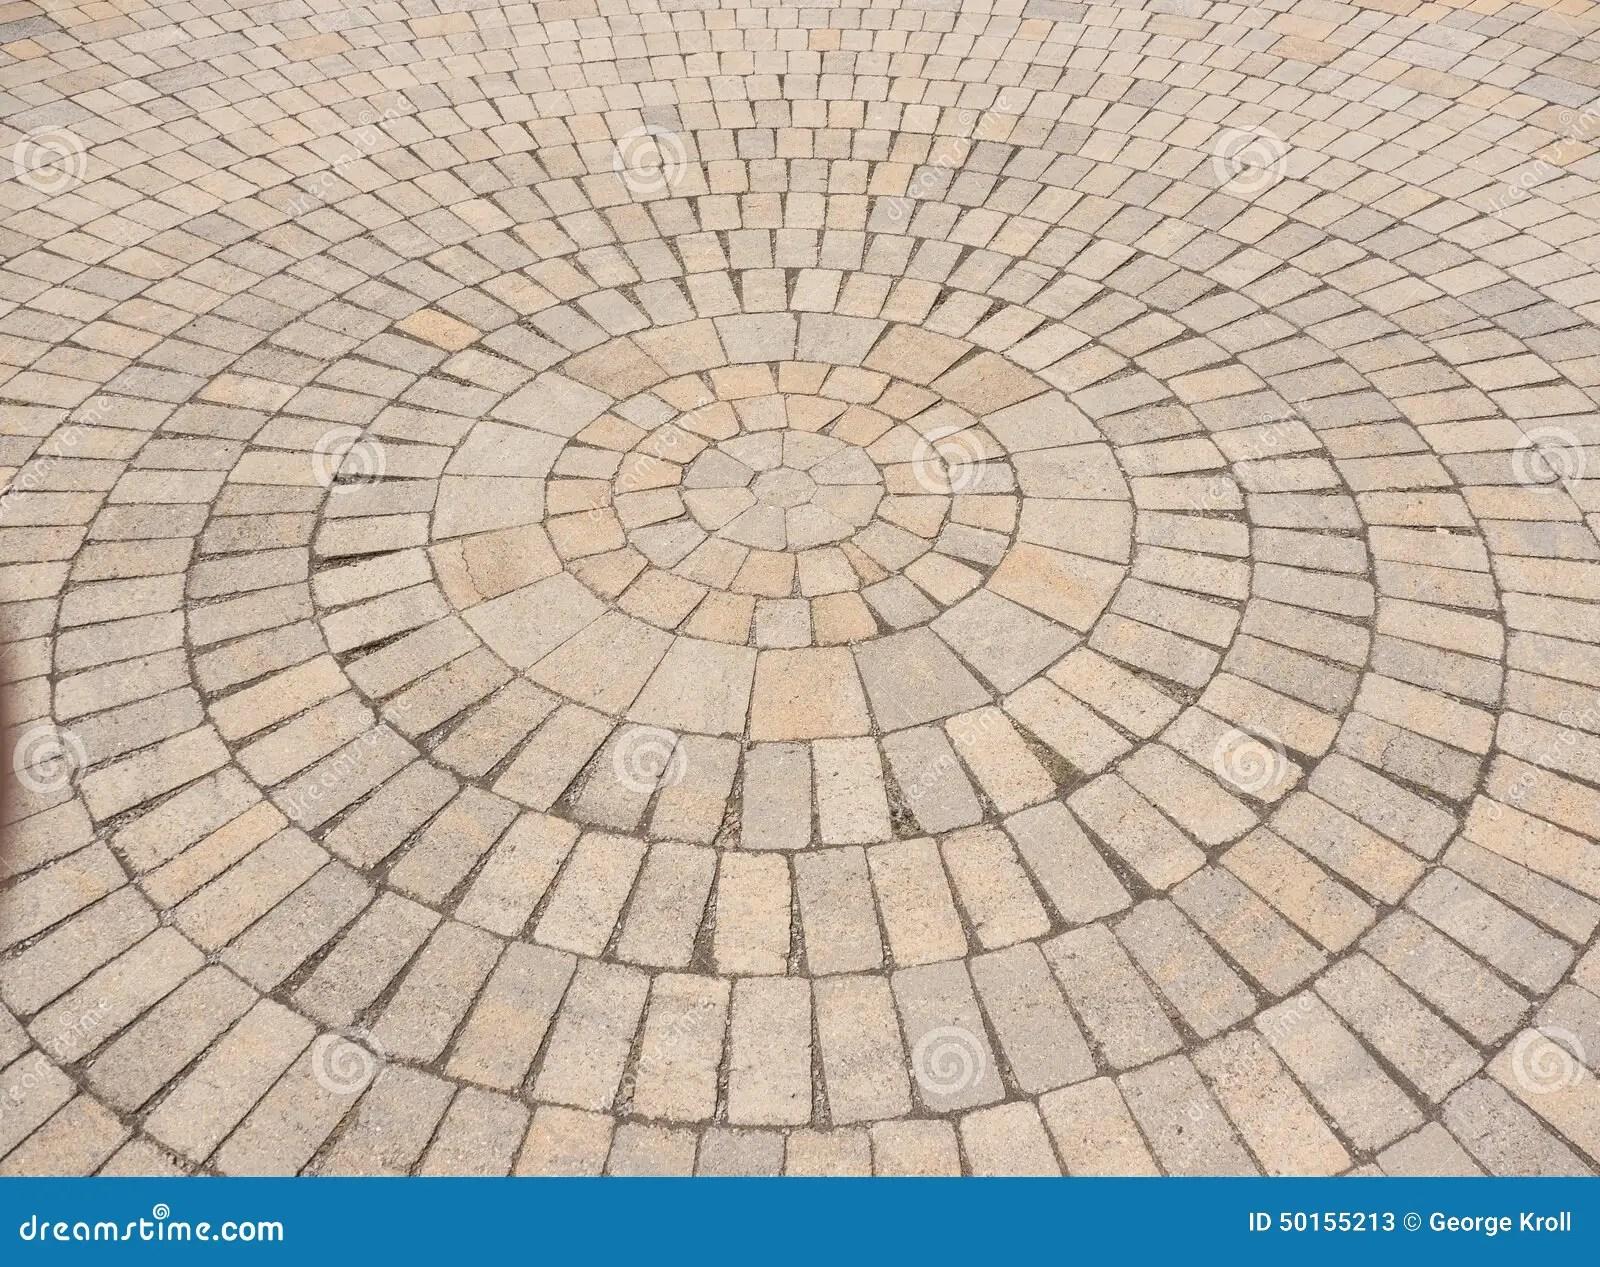 Radial Paving Stone Pattern Stock Image  Image 50155213